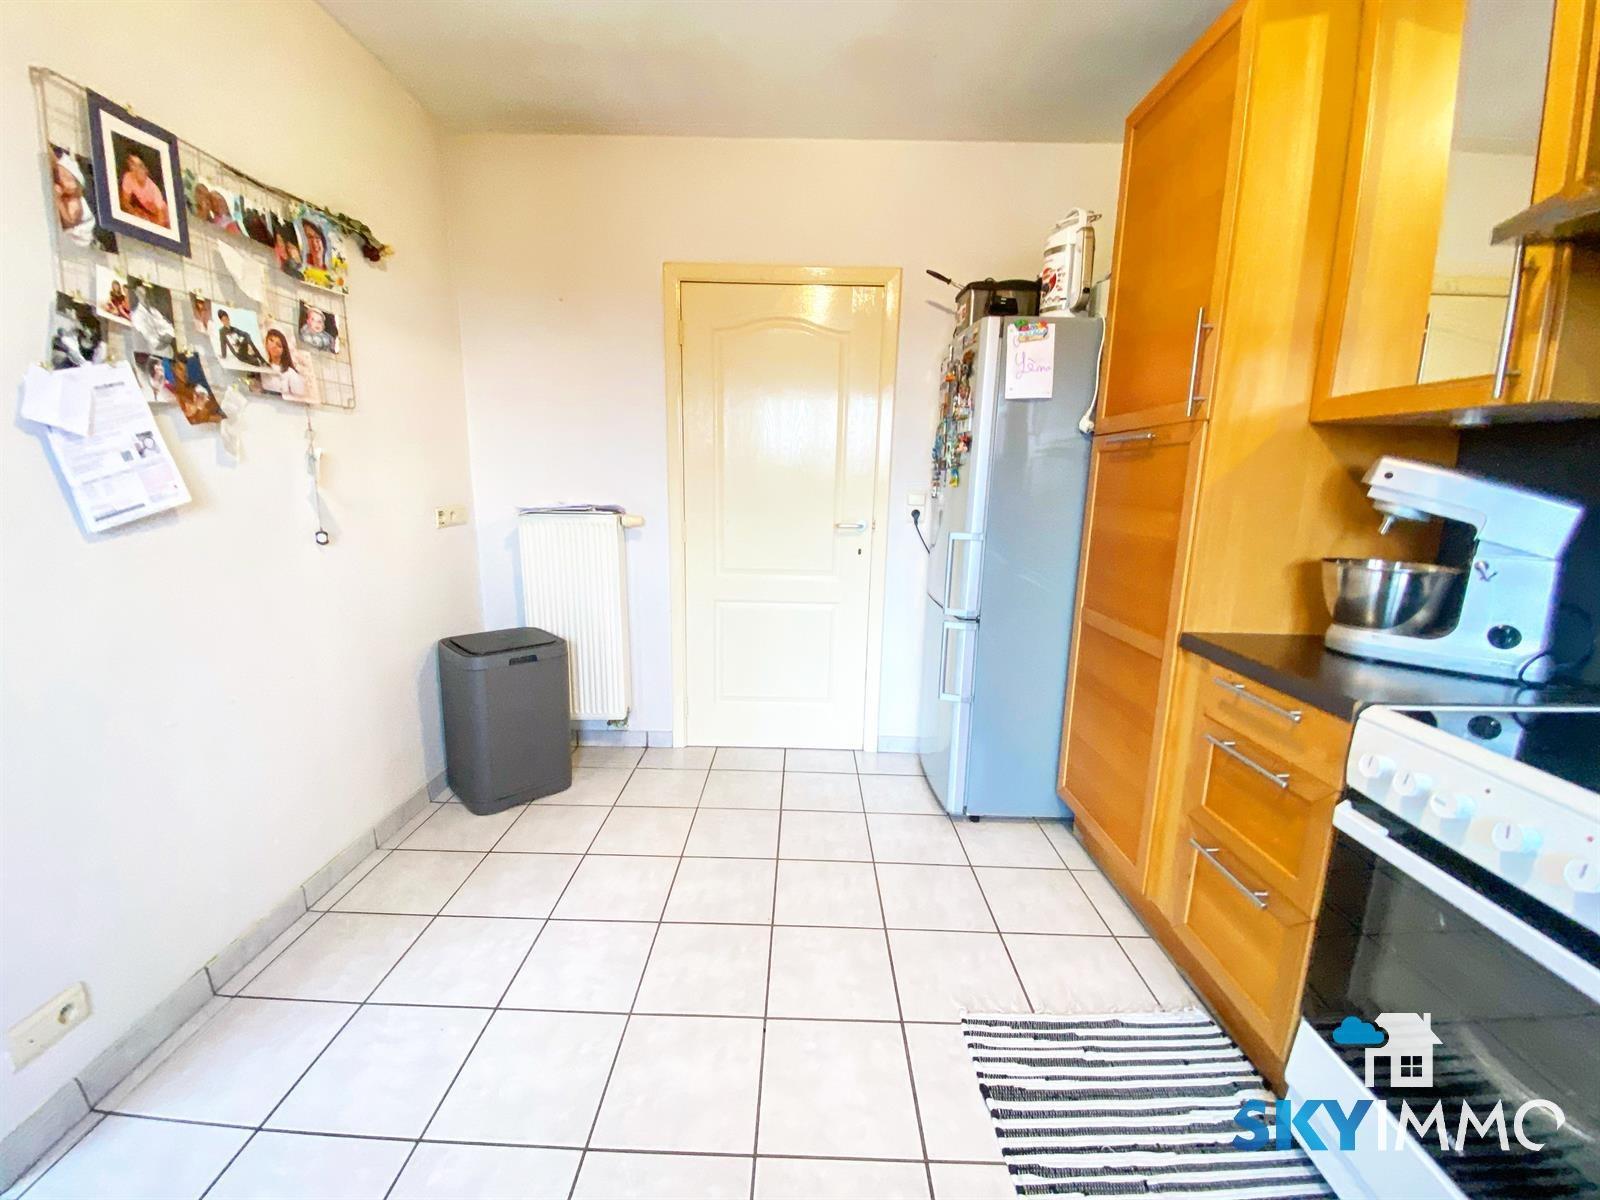 Maison - Liege - #4314599-6